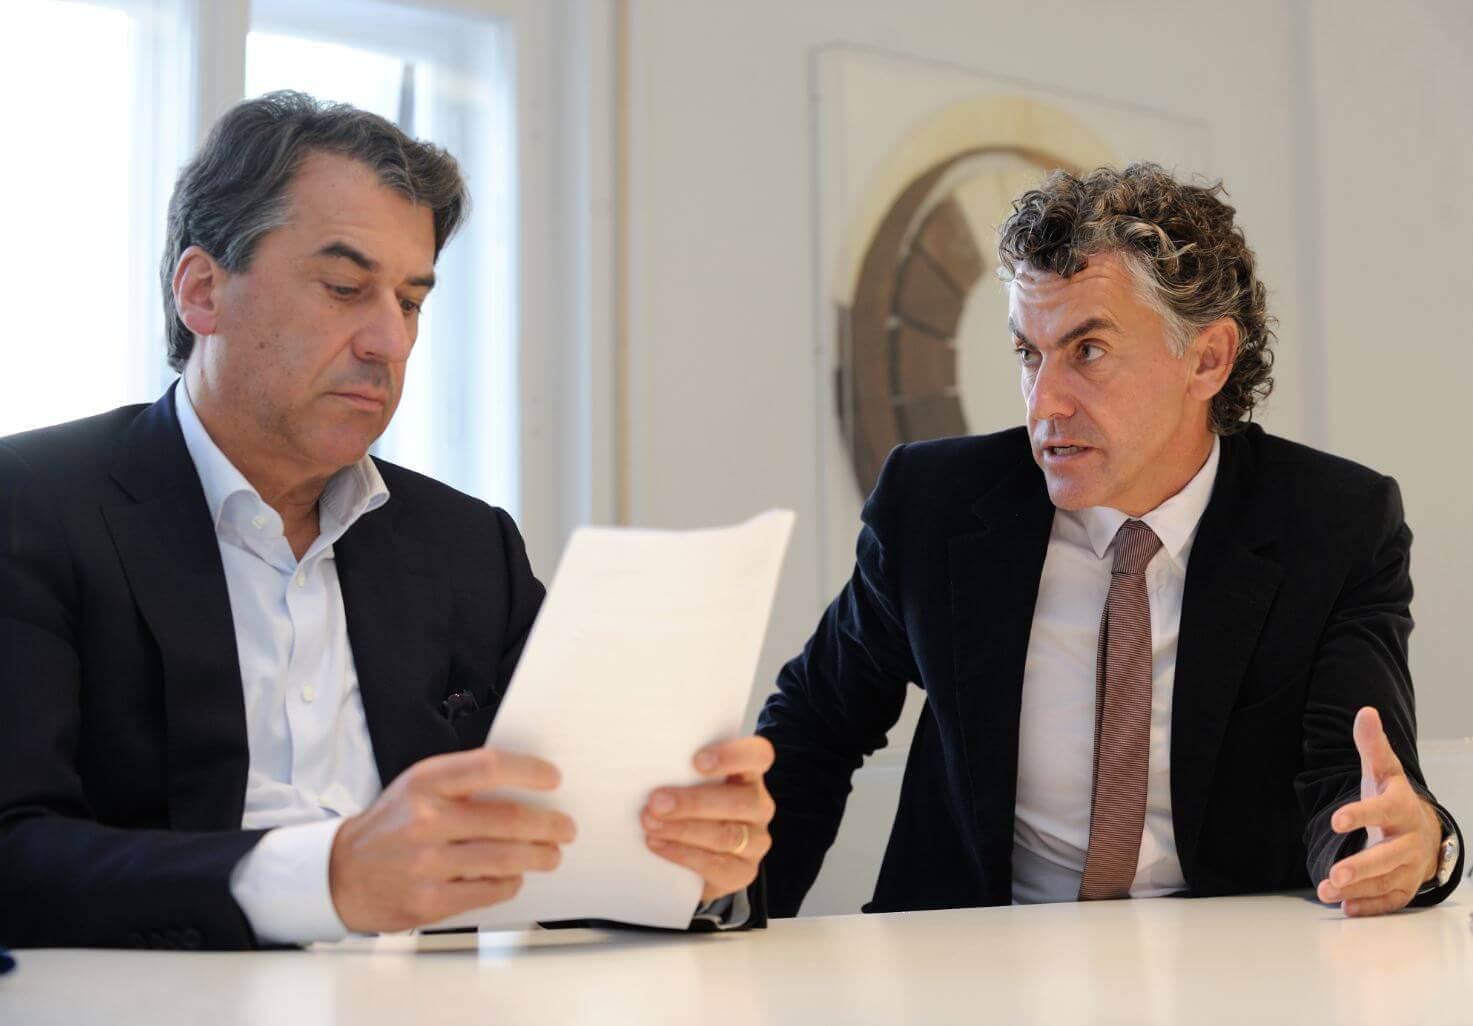 Stefan Pierer & Michael Tojner